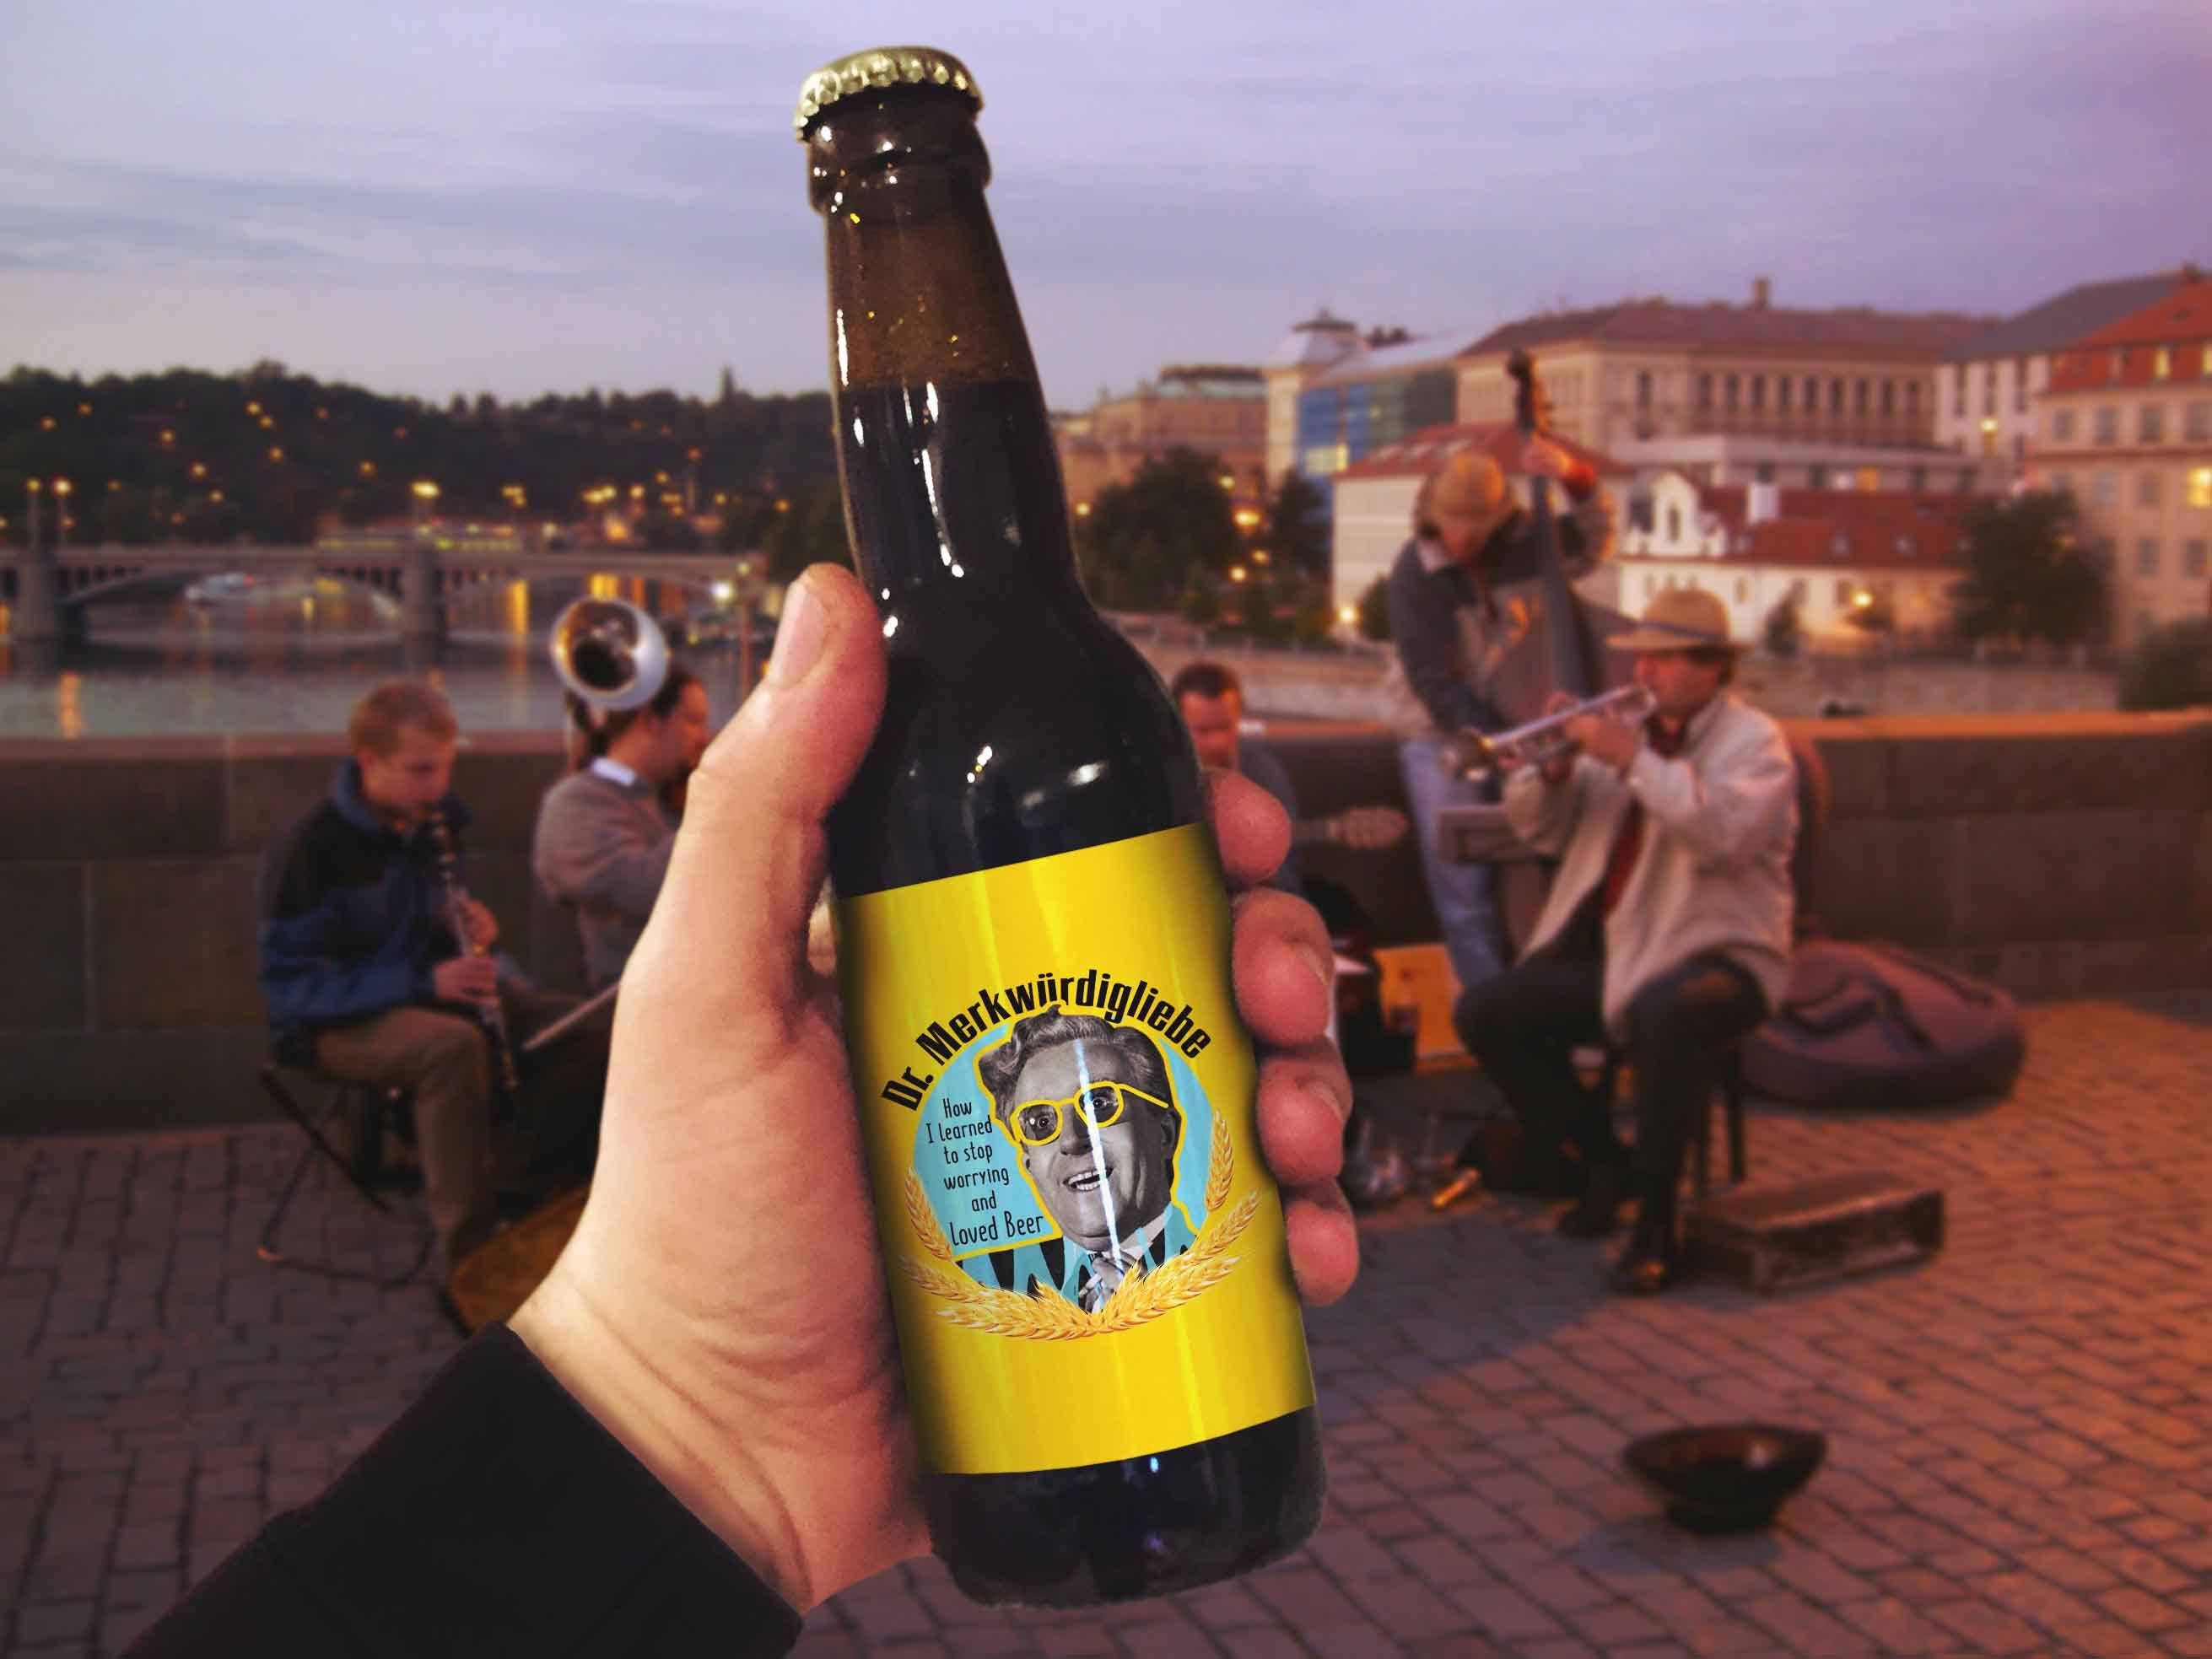 понравилась работа фото в руке бутылка пива поднял вопрос жилья